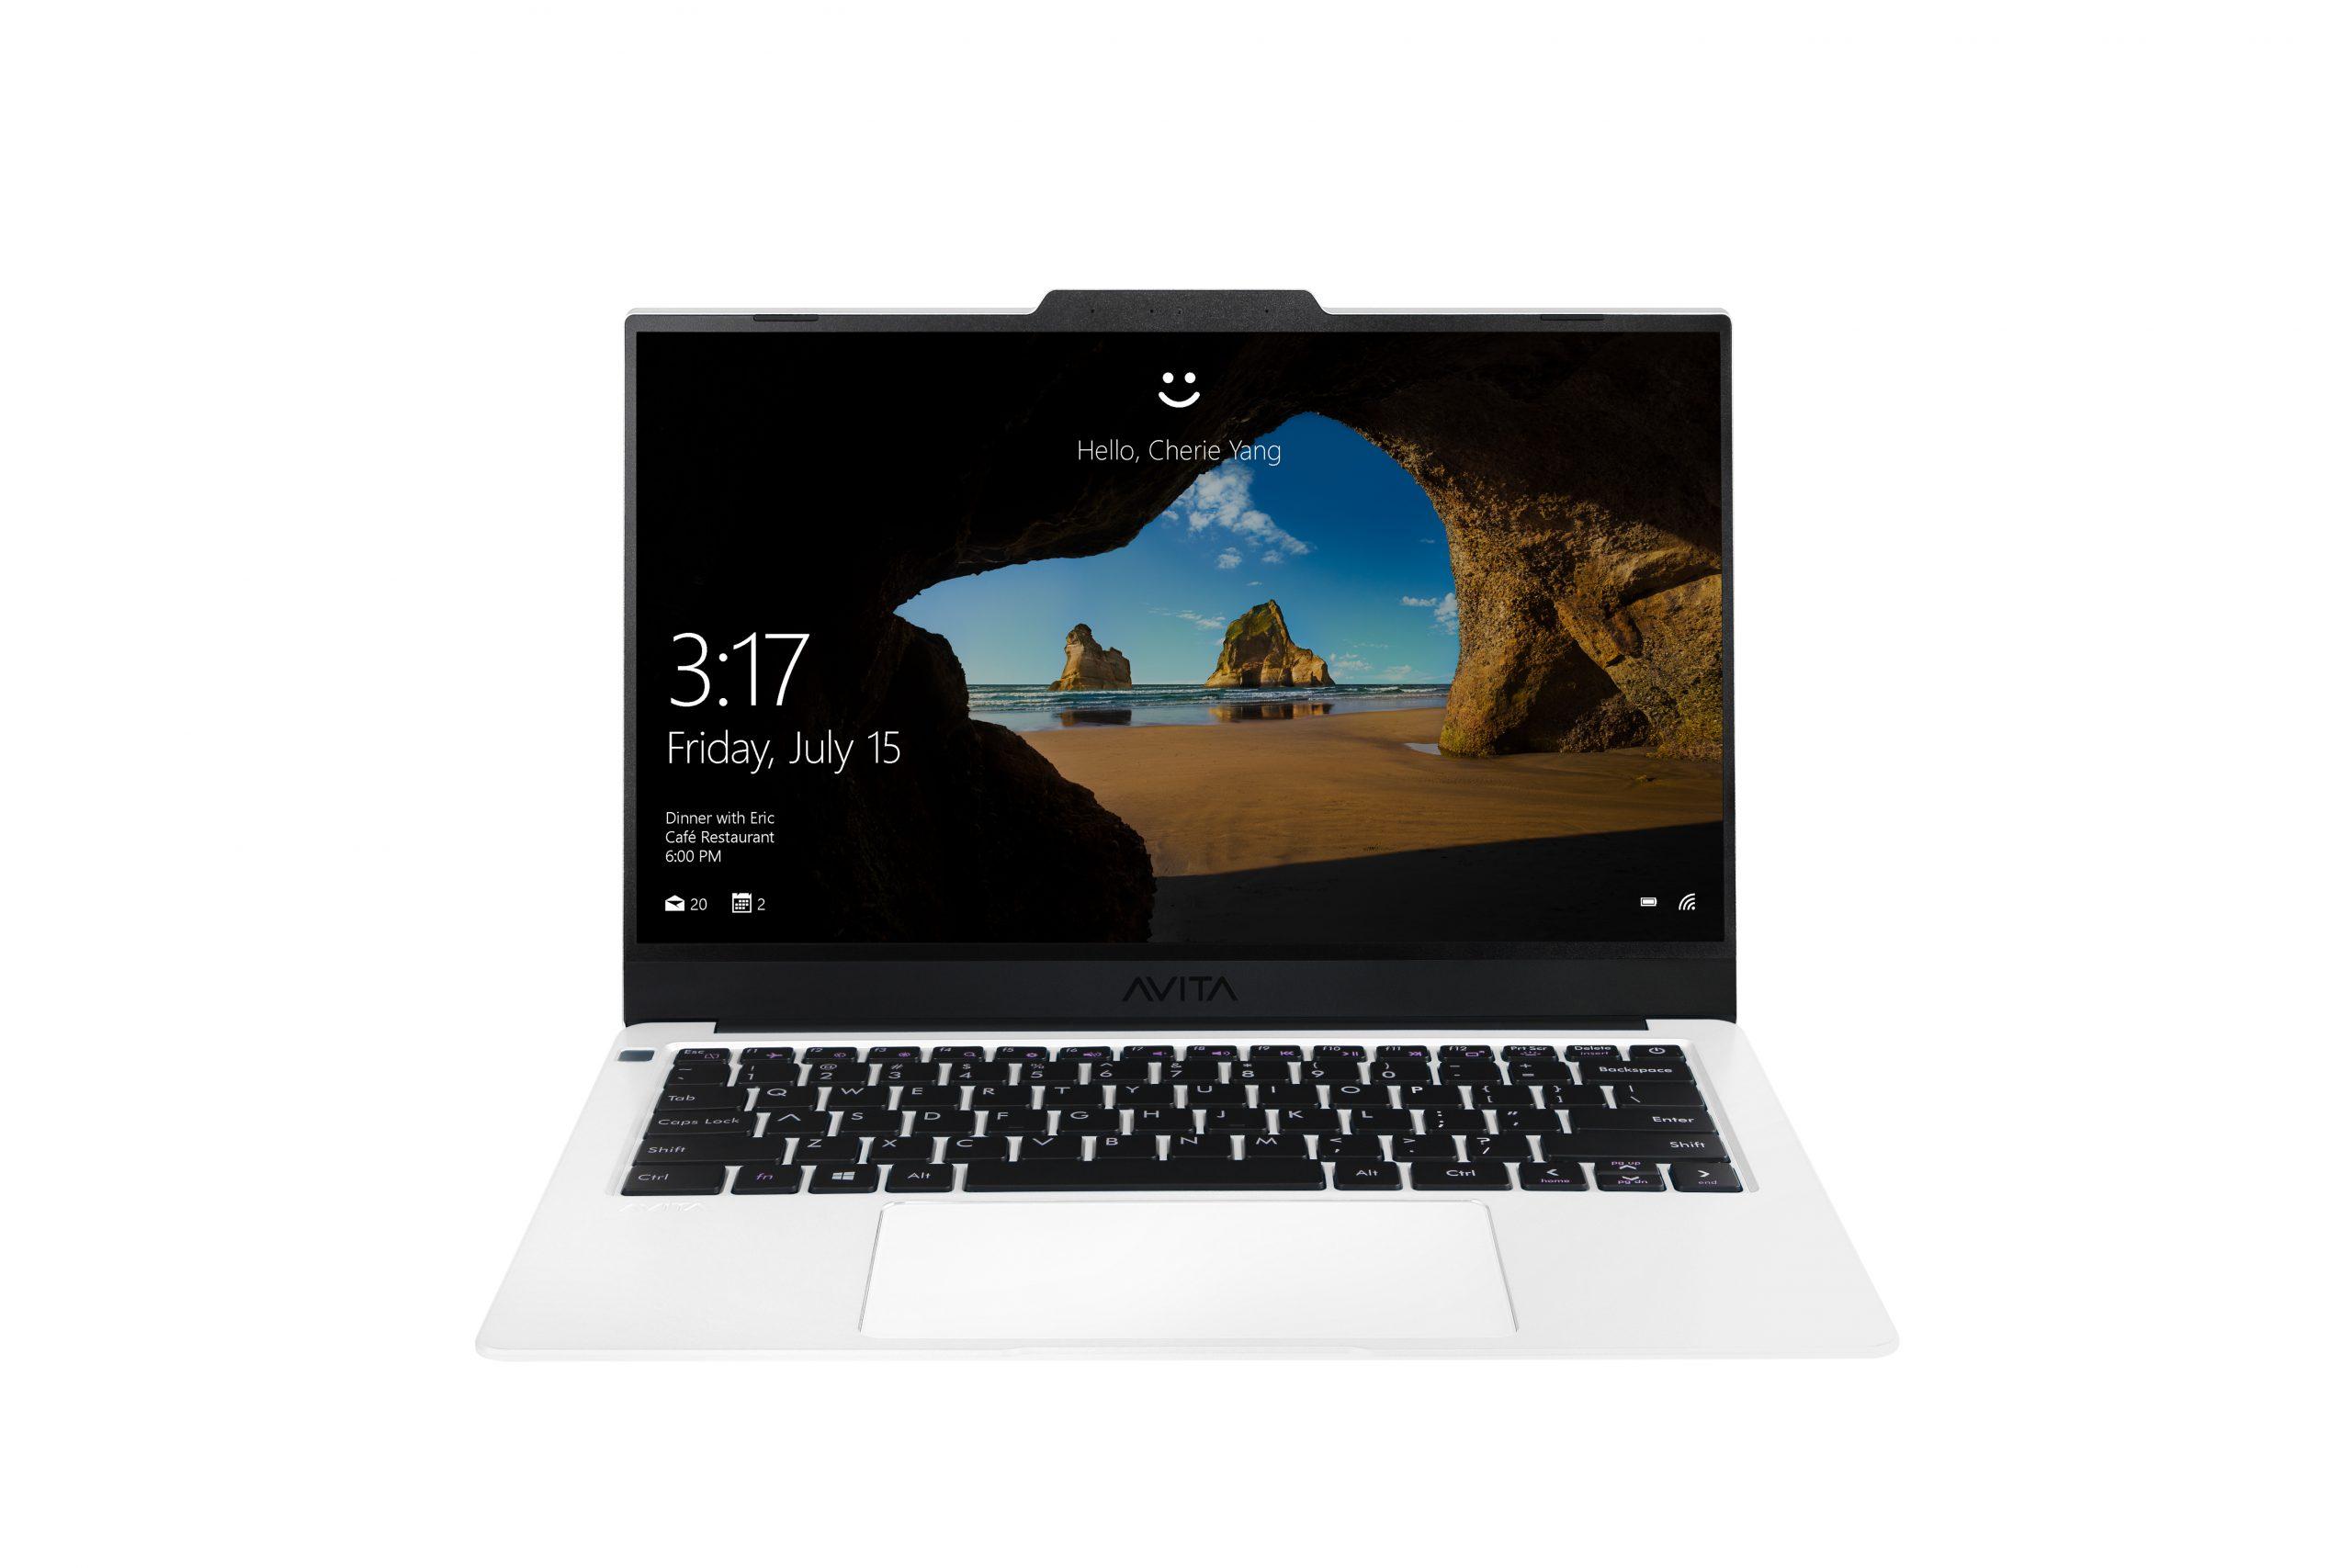 Laptop AVITA LIBER V 14 – Màu Trắng Pearl White – INTEL CORE I7-10510U/RAM 8GB/ SSD 1TB/ Win 10 Home BẢO HÀNH 24 THÁNG – TẶNG BALO – HÀNG CHÍNH HÃNG